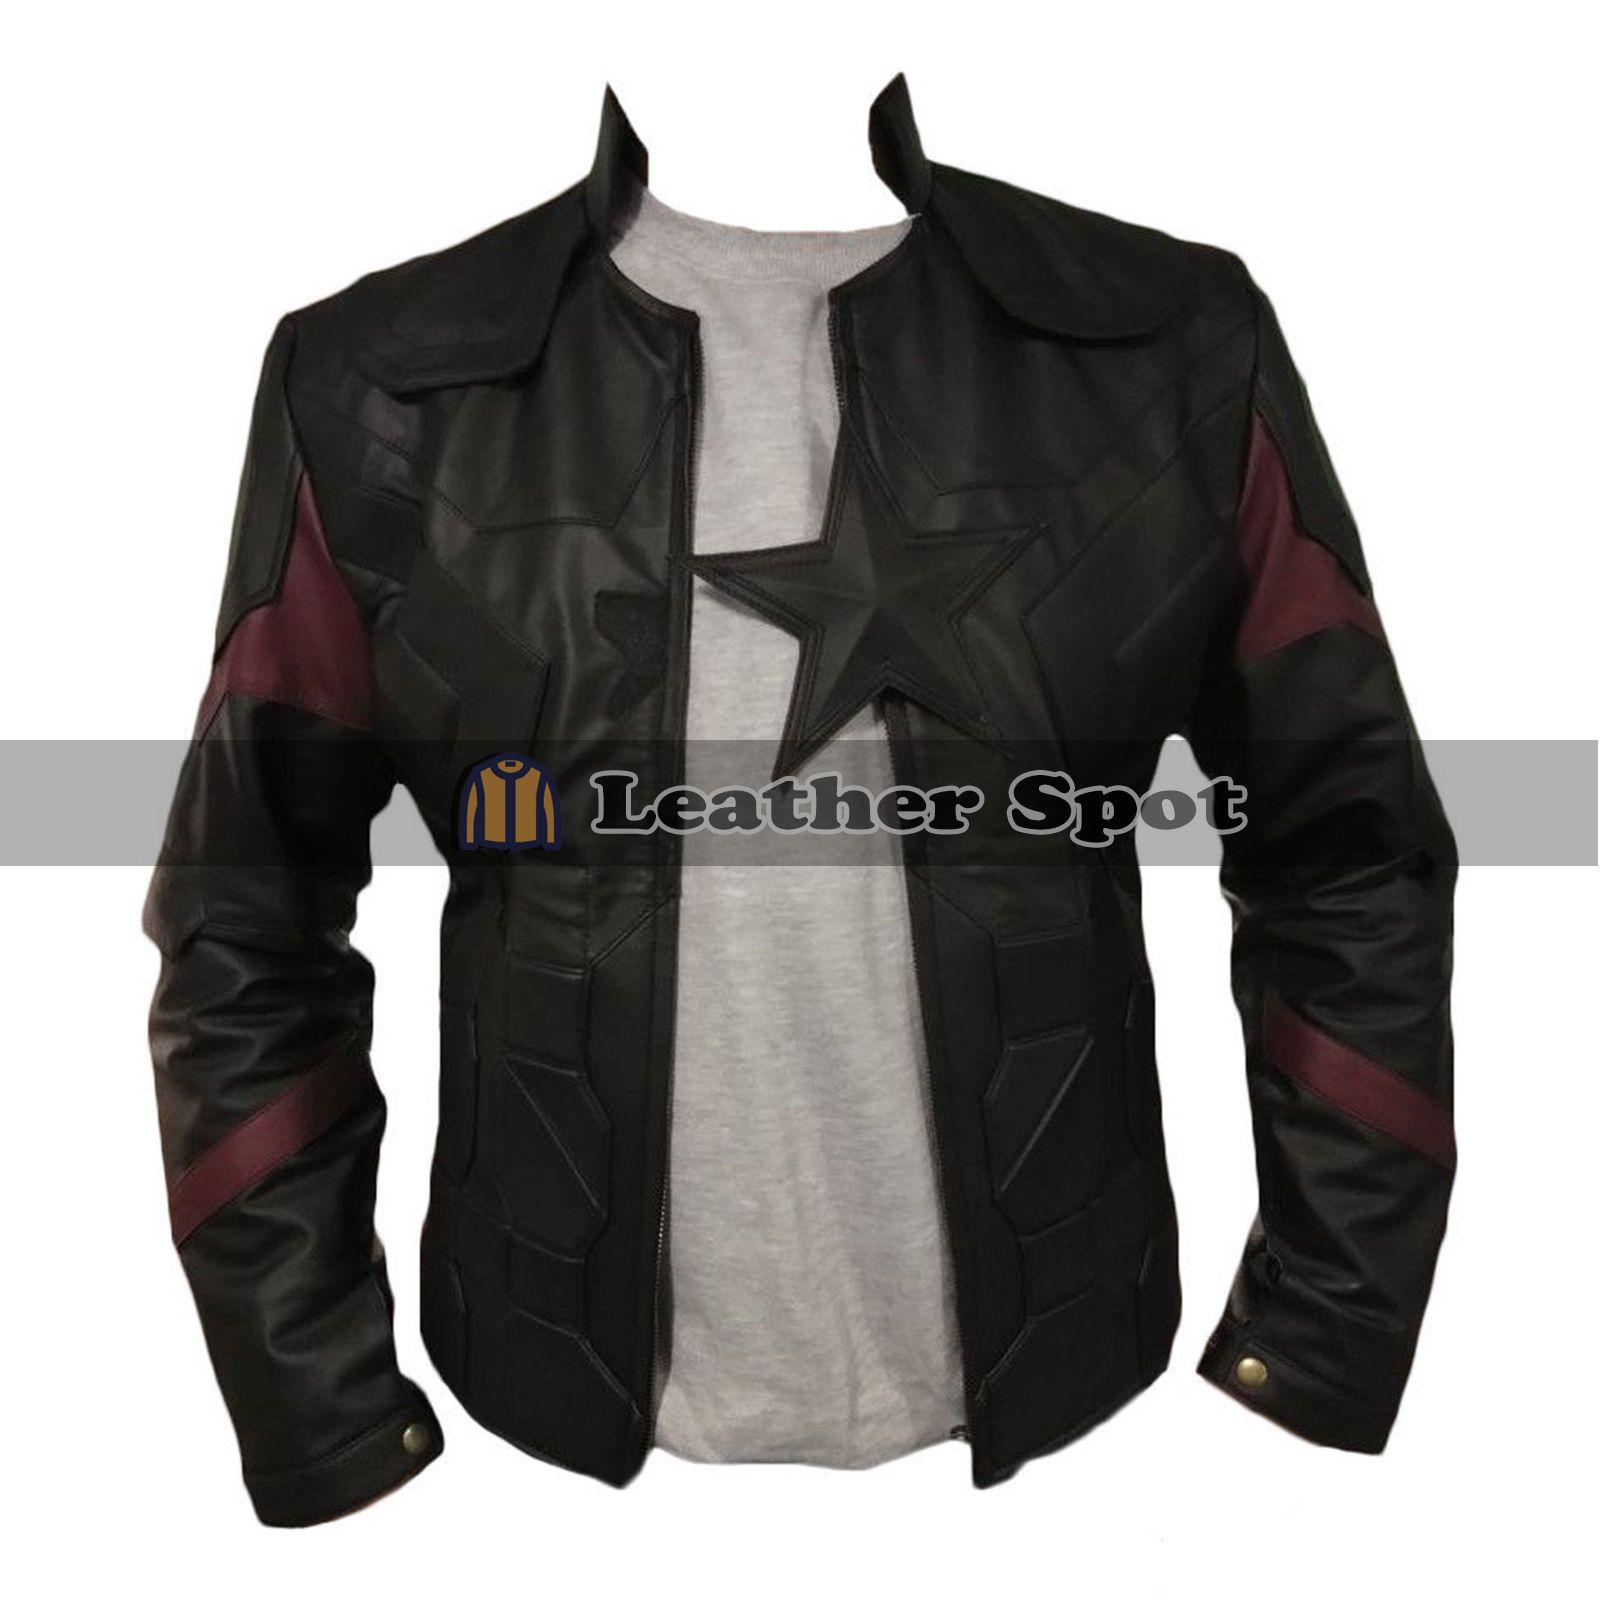 Captain America Avengers End Game Black Leather Jacket Lm Jackets Captain America Jacket Stylish Jackets Black Leather Jacket [ 1600 x 1600 Pixel ]